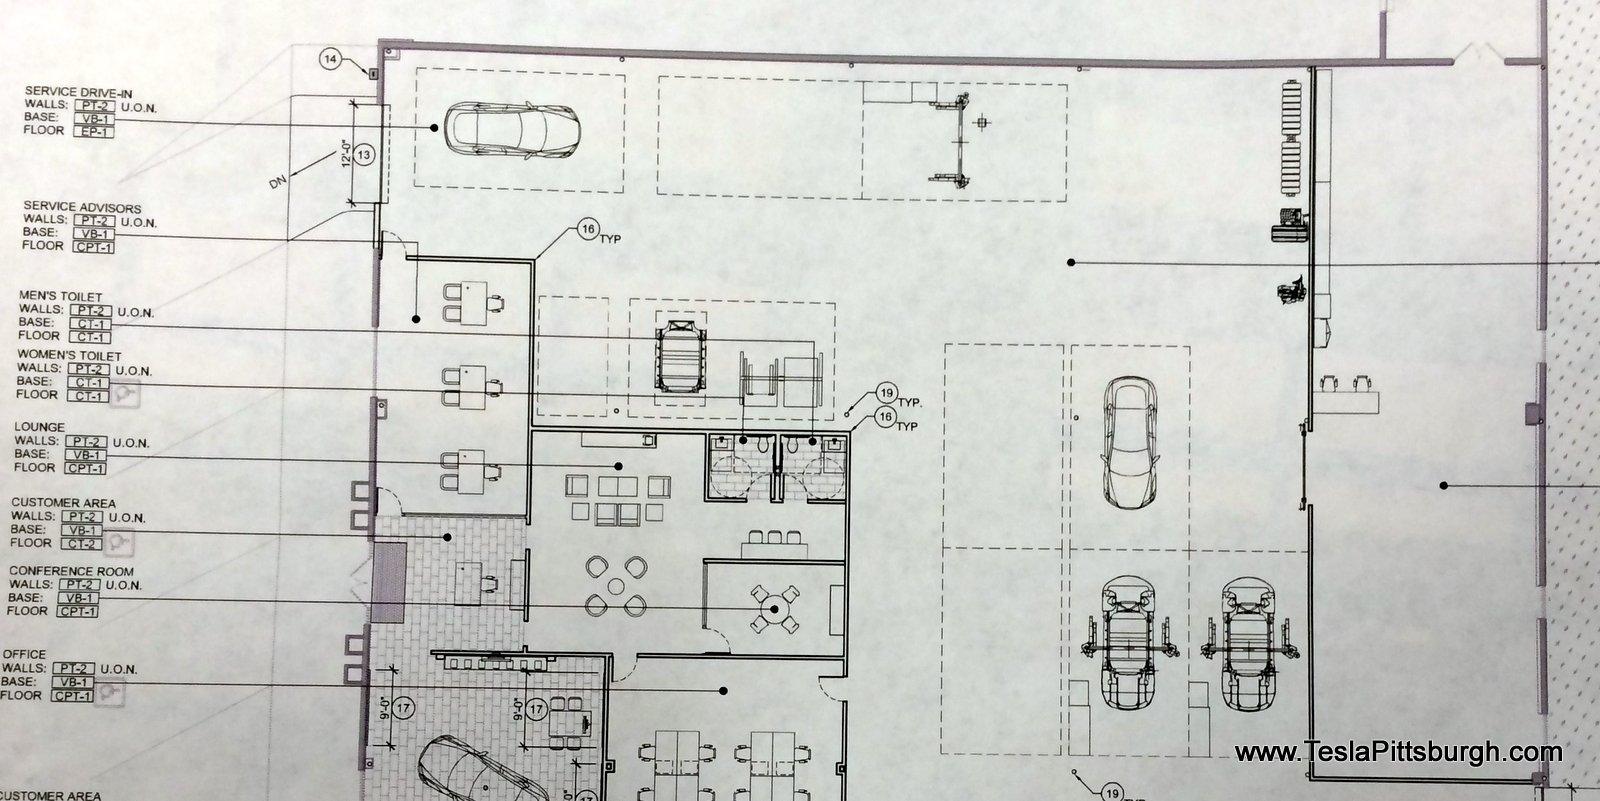 pittsburgh tesla service floor plan of work area